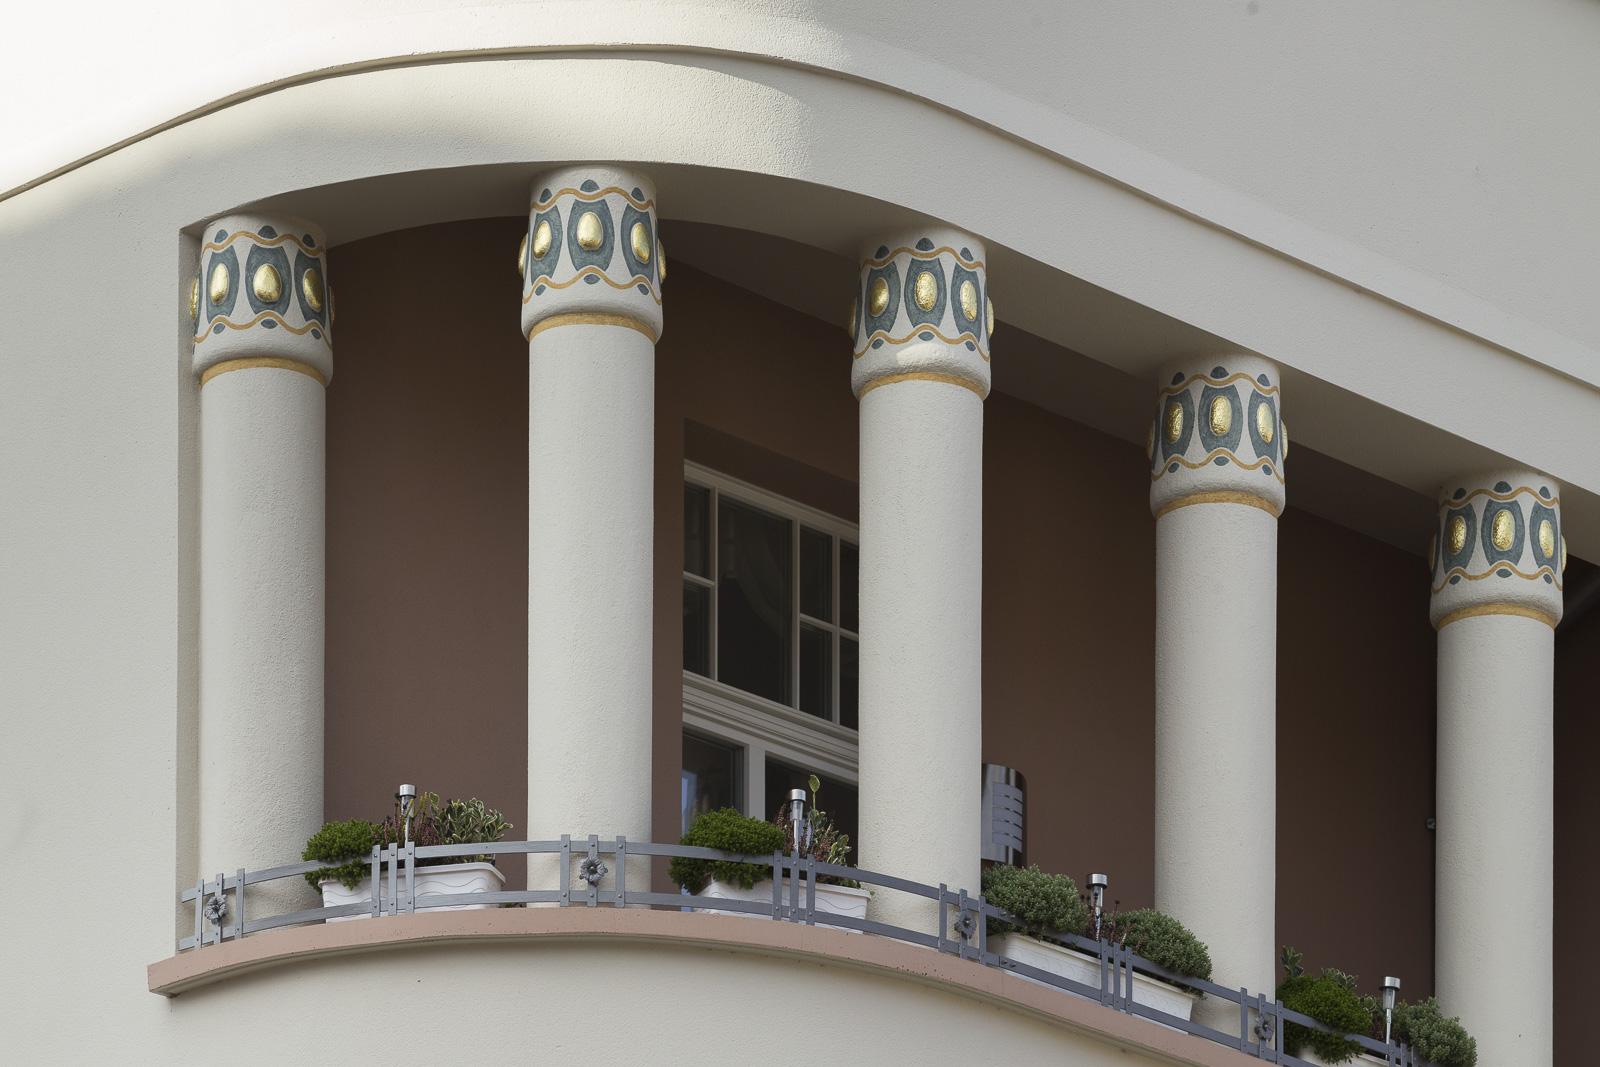 SAKRET Referenz Fassadensanierung Eisenach Säulenkapitelle